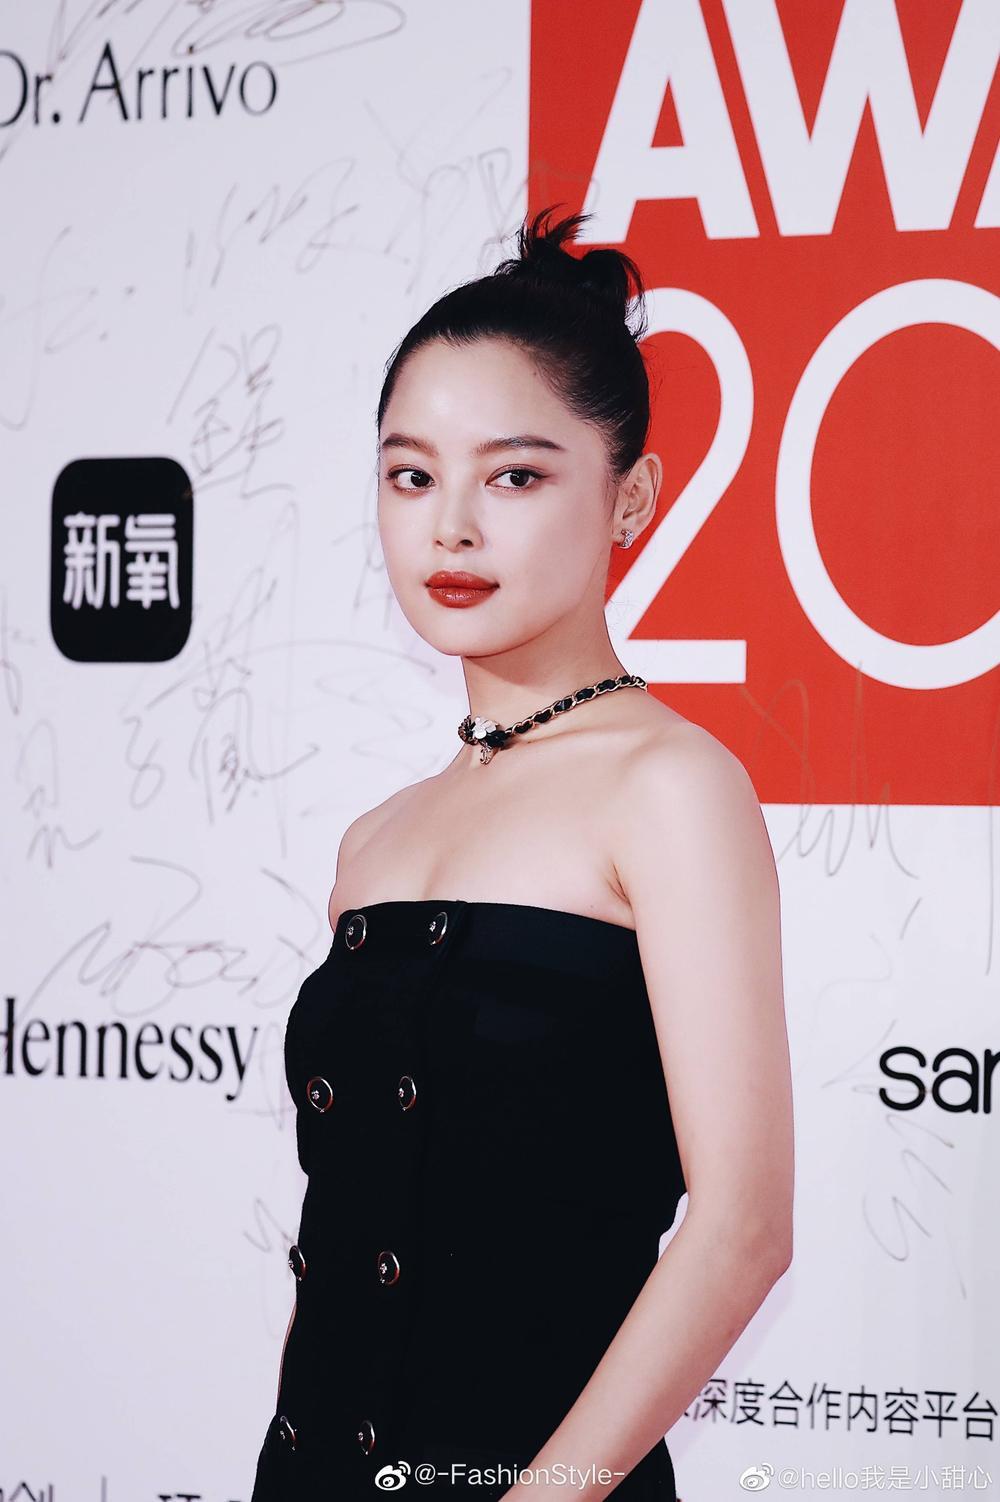 Thảm đỏ 'Đêm hội ELLE 2020': Dương Mịch đọ sắc Đường Yên - Cổ Lực Na Trát, Giang Sở Ảnh diện váy xuyên thấu Ảnh 26